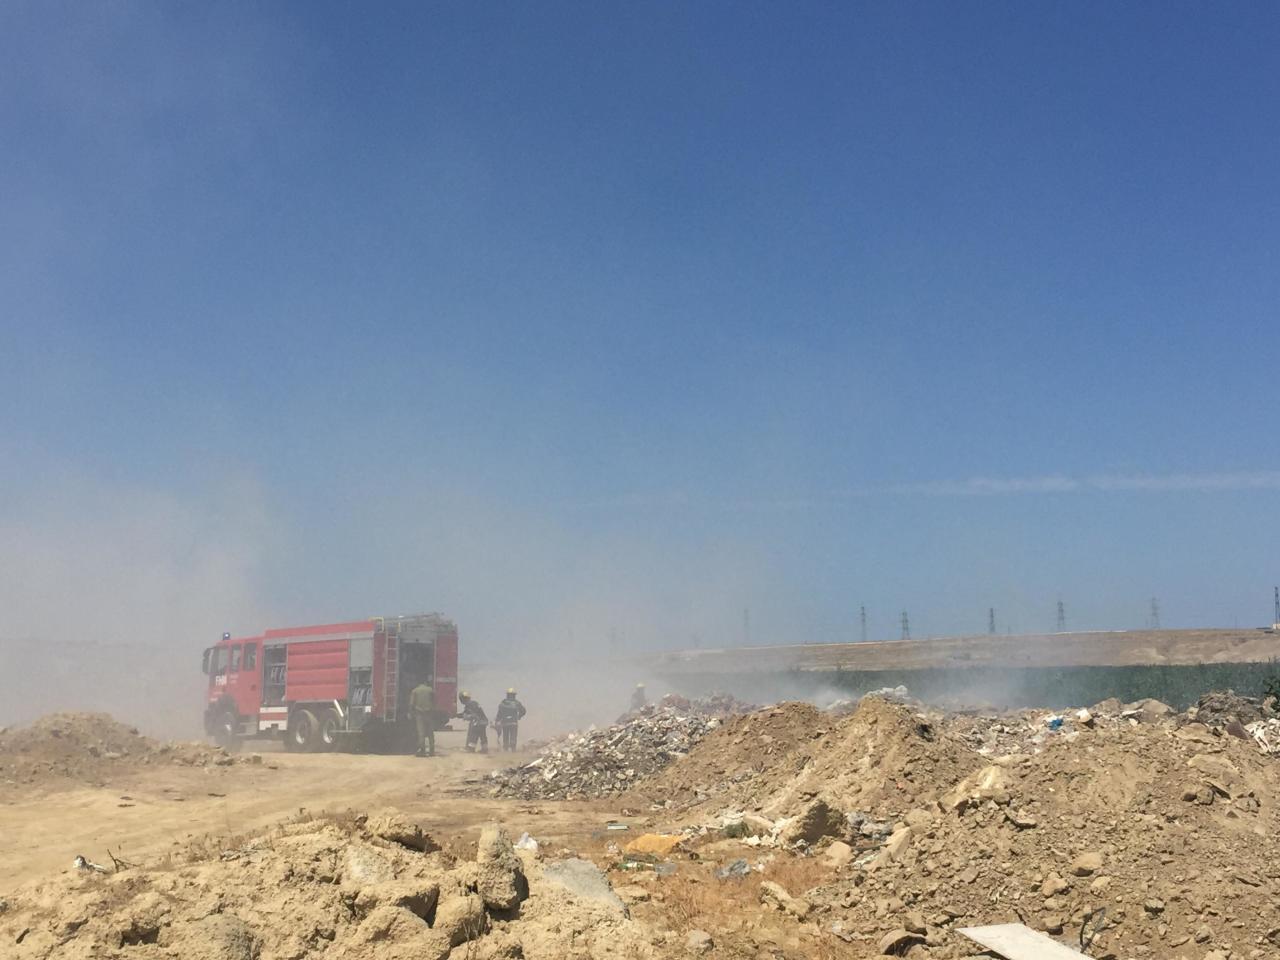 В Баку сотрудник муниципалитета оштрафован за загрязнение окружающей среды